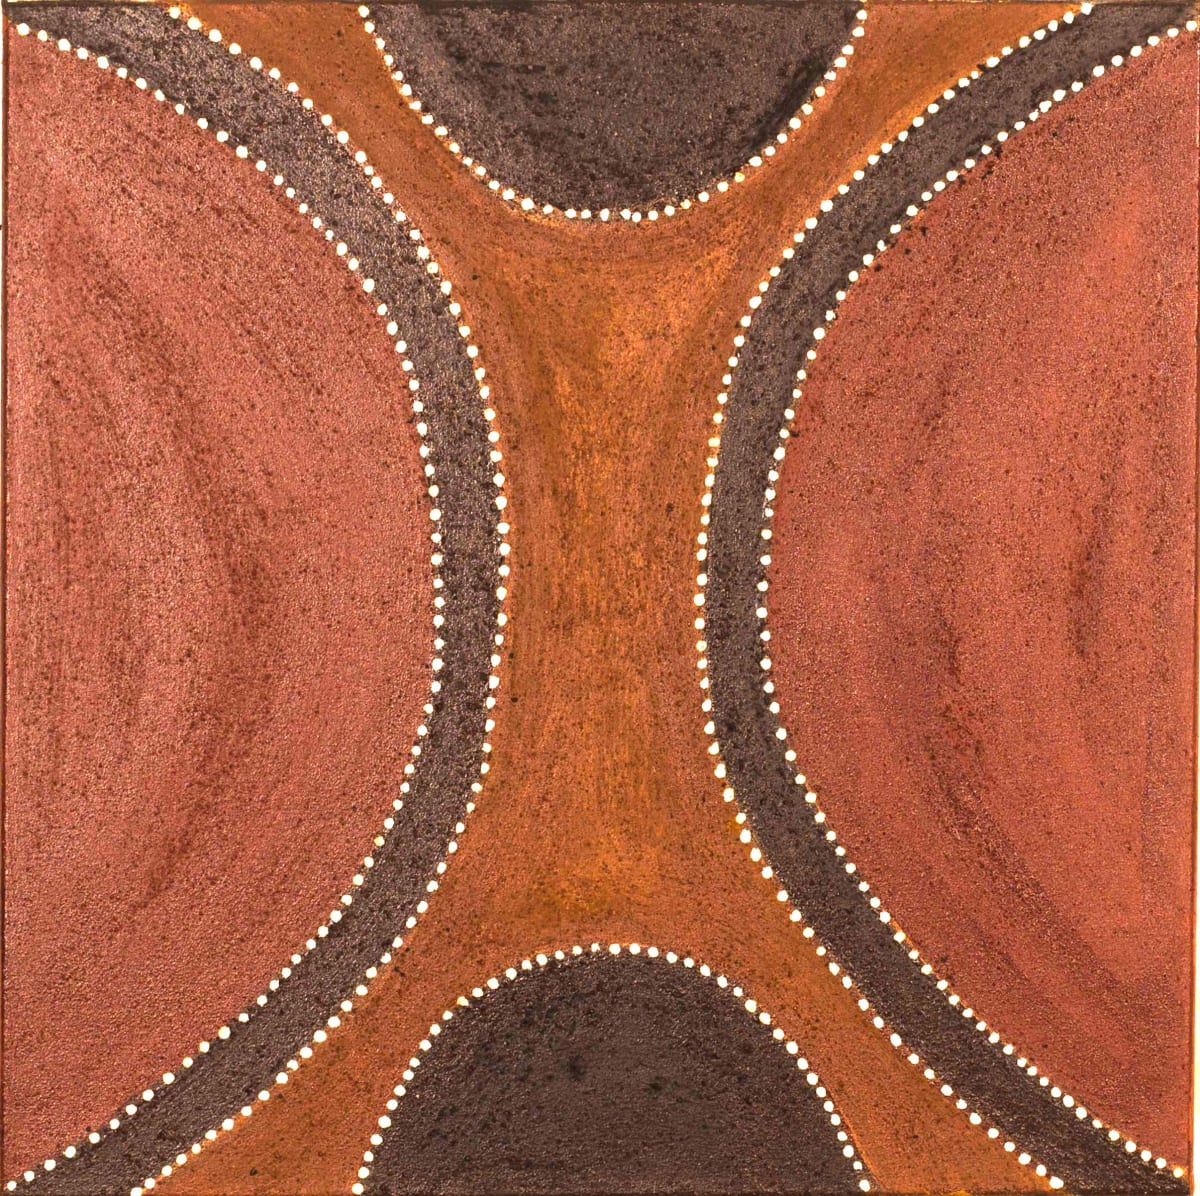 Charlene Carrington Texas Spring natural ochres on canvas 60 x 60 cm